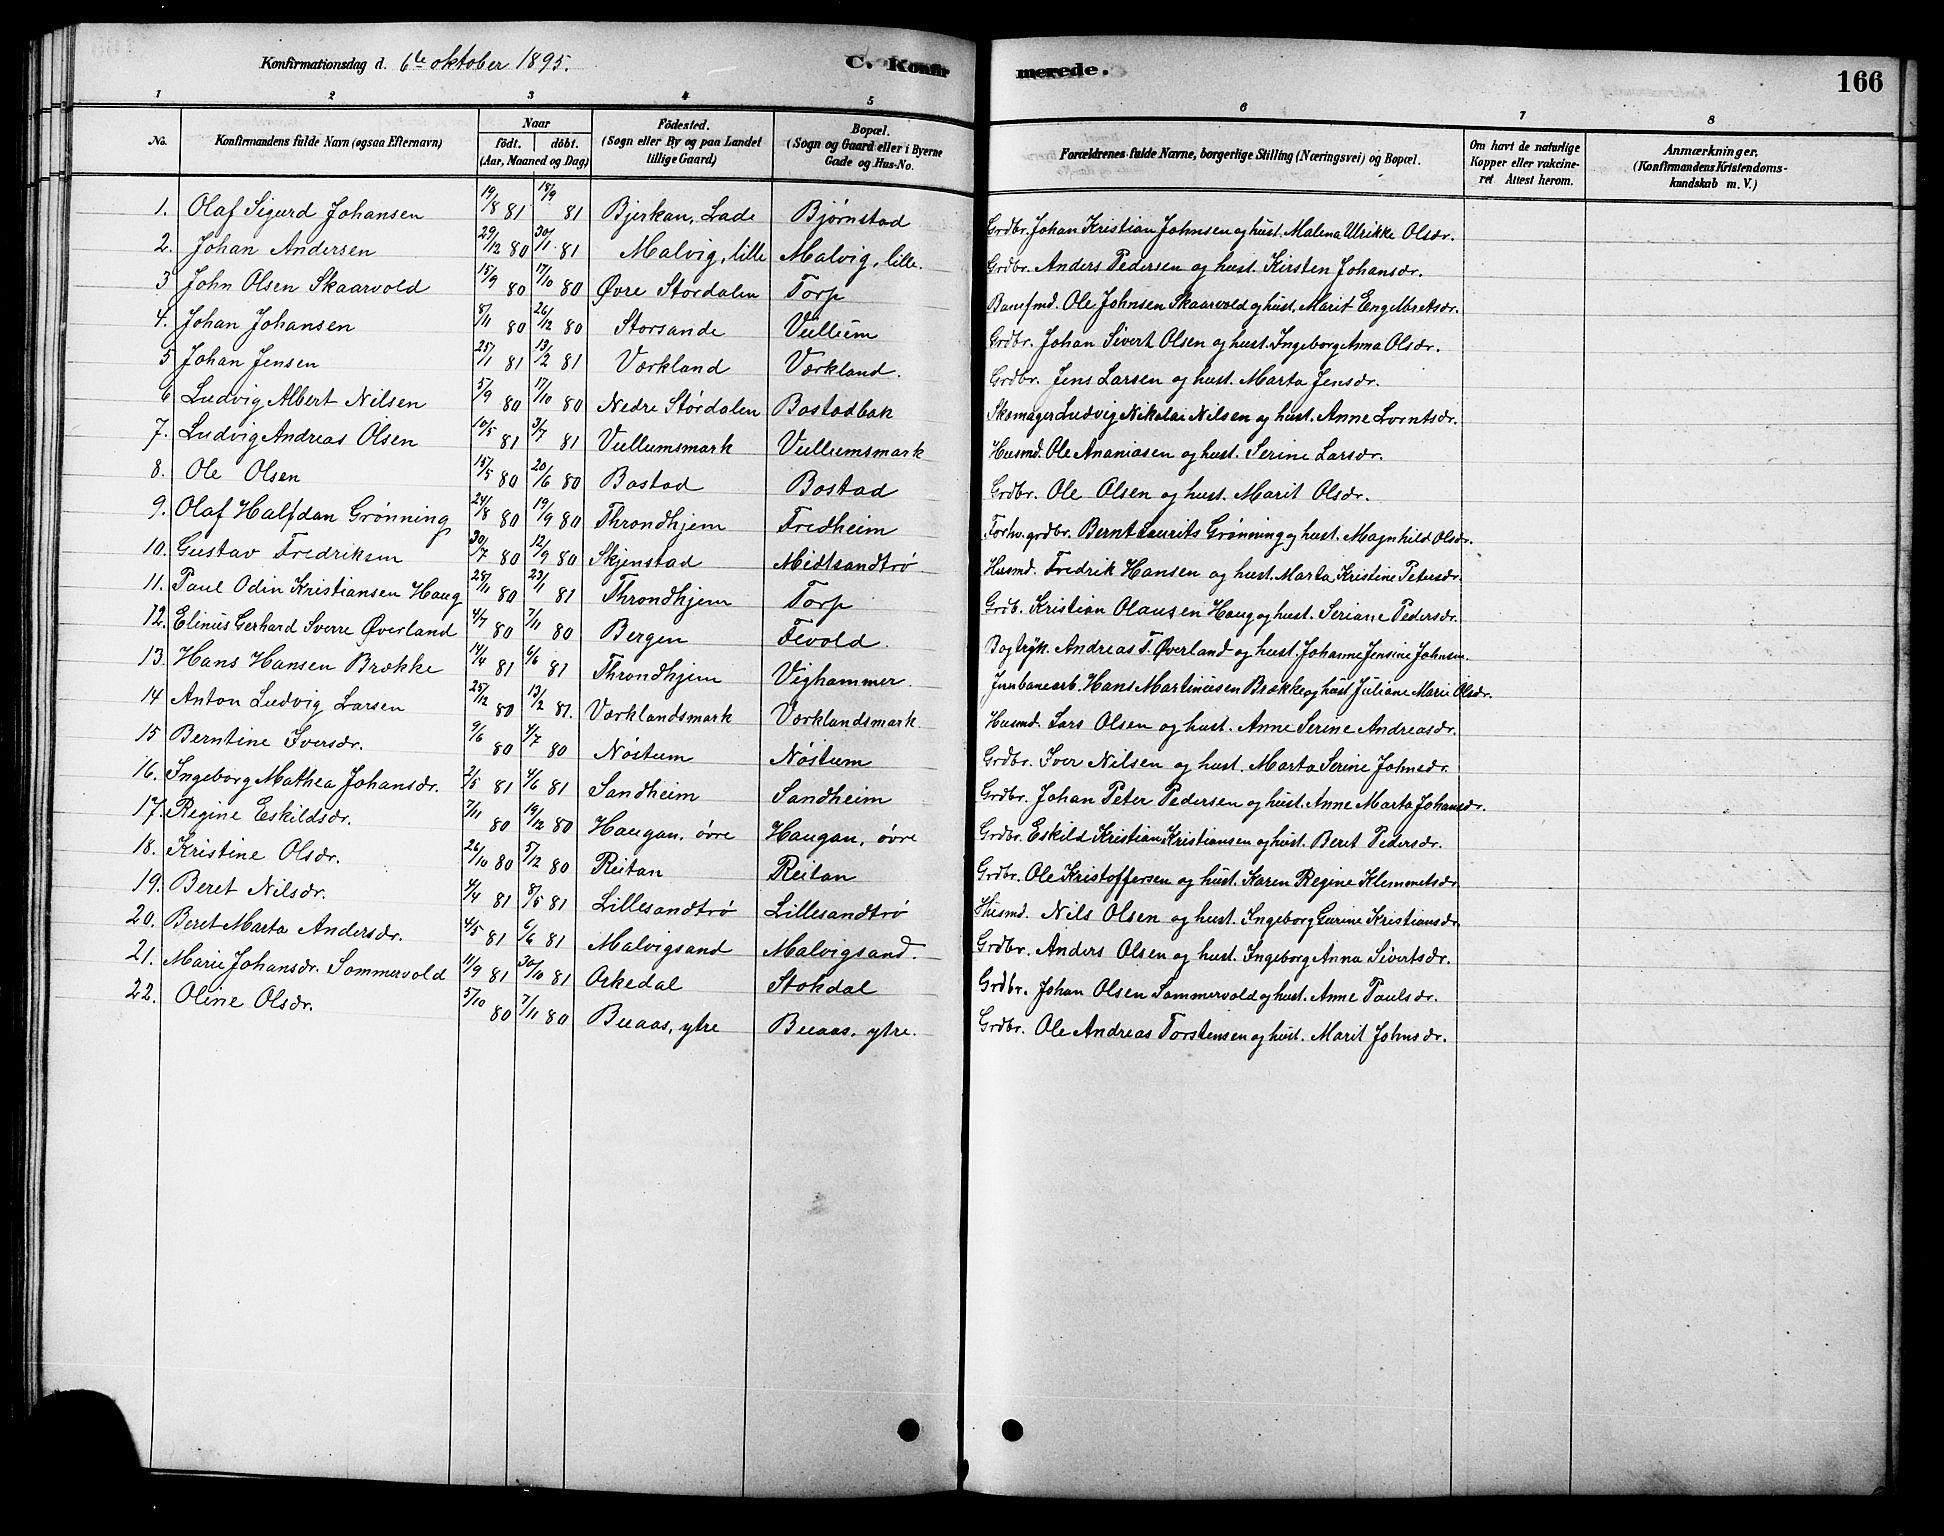 SAT, Ministerialprotokoller, klokkerbøker og fødselsregistre - Sør-Trøndelag, 616/L0423: Klokkerbok nr. 616C06, 1878-1903, s. 166